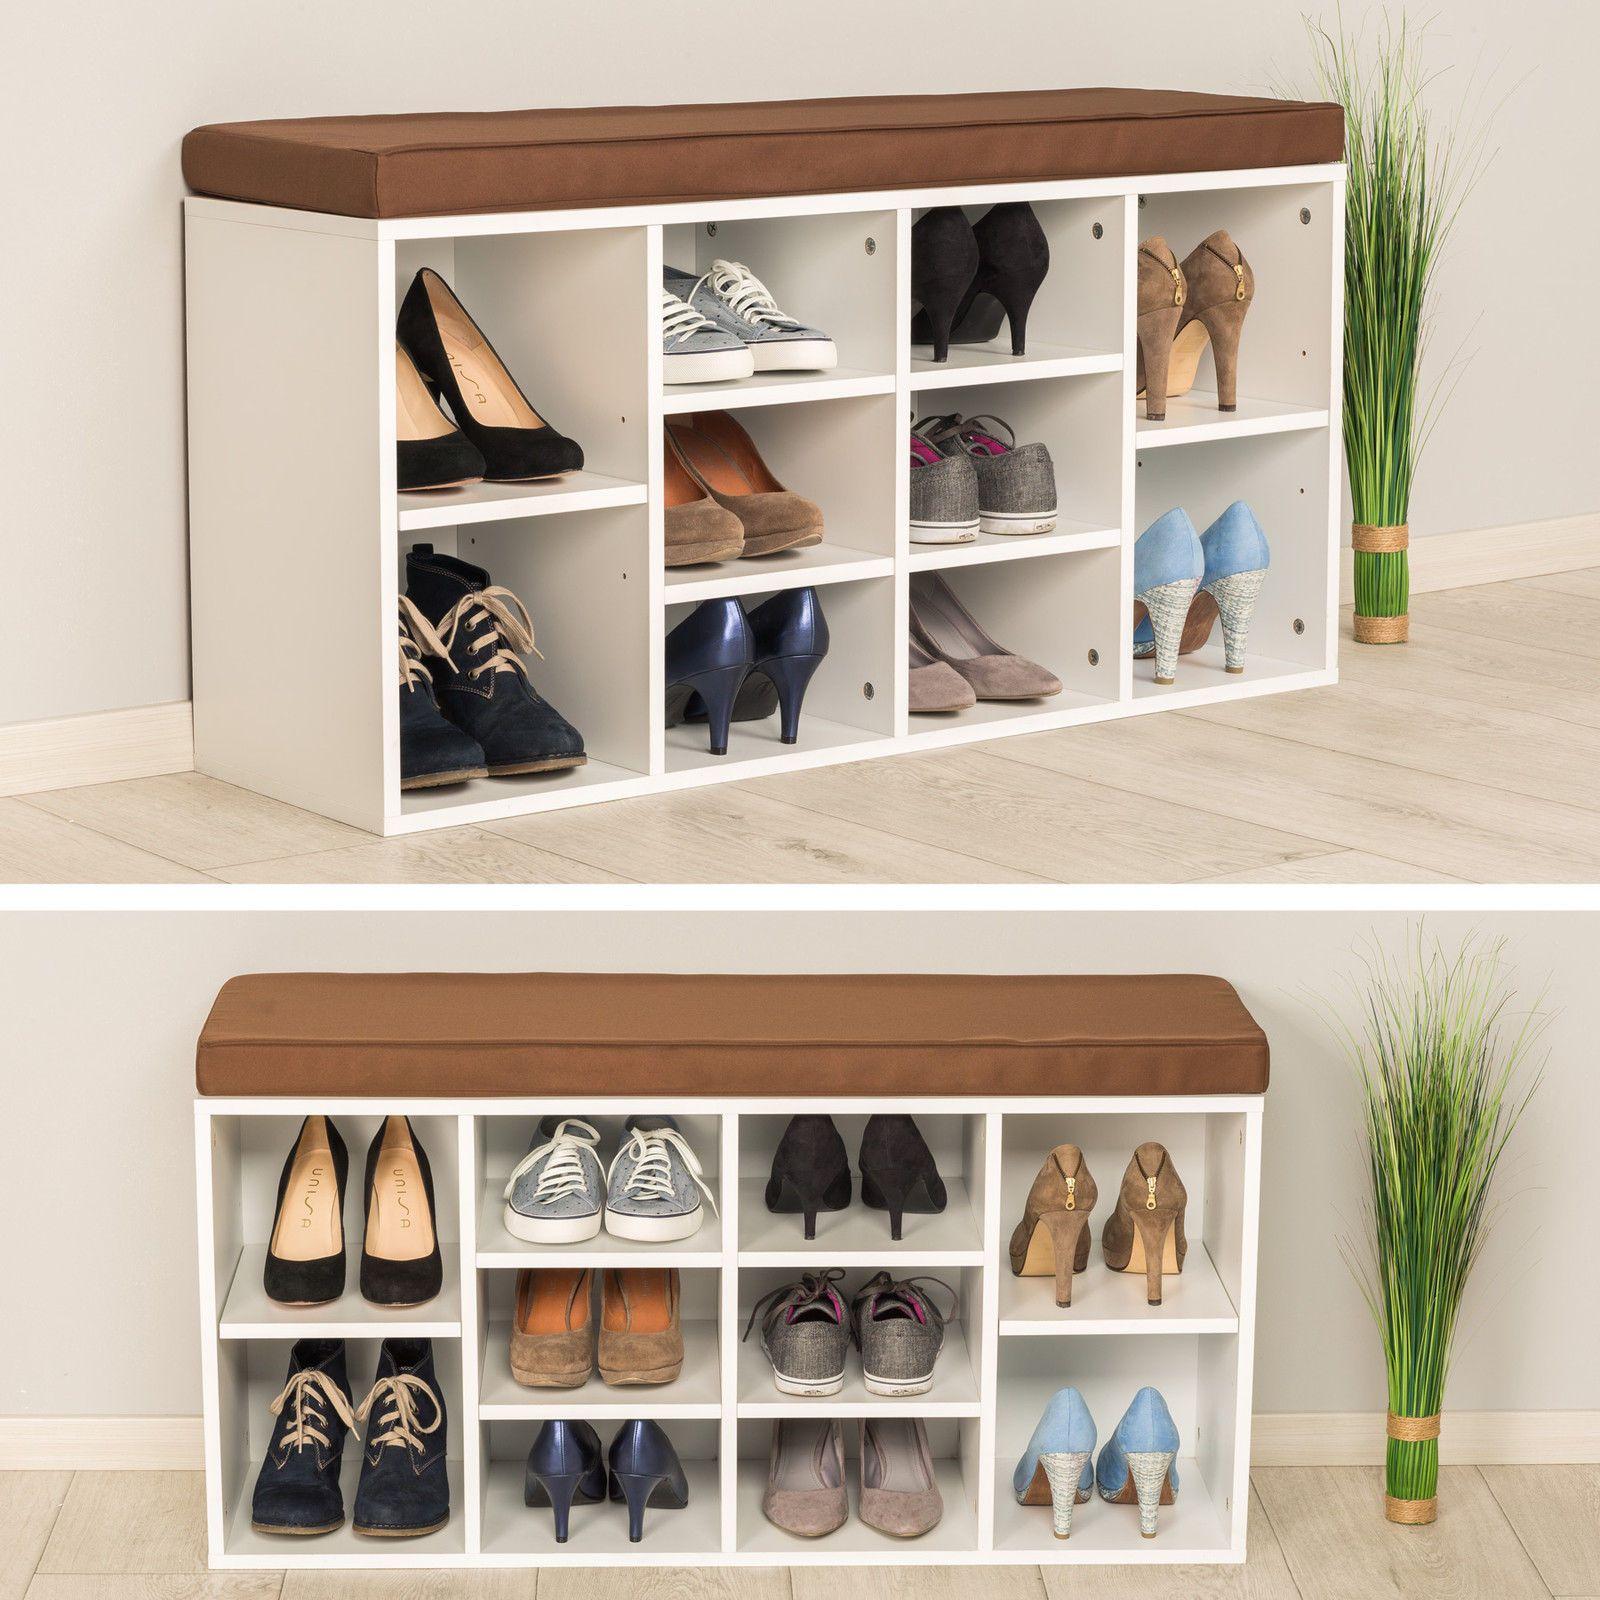 Banc De Rangement A Chaussures Avec Coussin D Assise Armoire 103 5x48x30cm Blanc Eur 72 90 Picclick Fr Meuble Chaussure Meuble Rangement Banc De Rangement